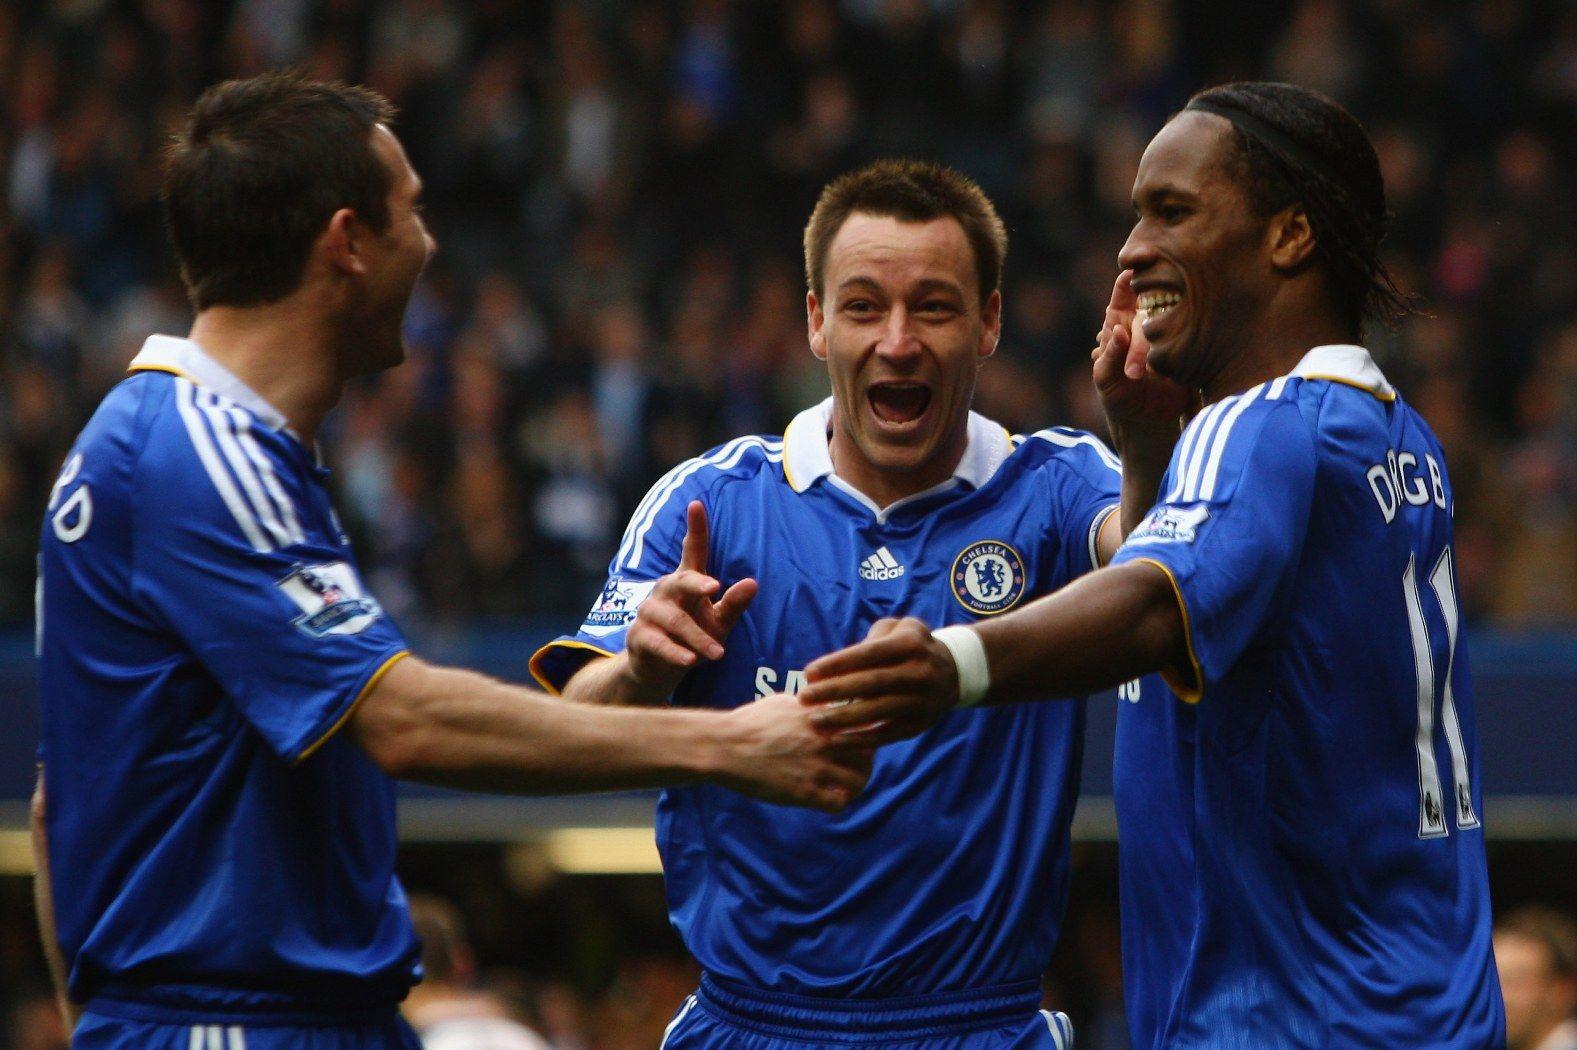 Гол срещу Болтън през 2009-а, в който празнуват трите най-големи съвременни легенди на Челси